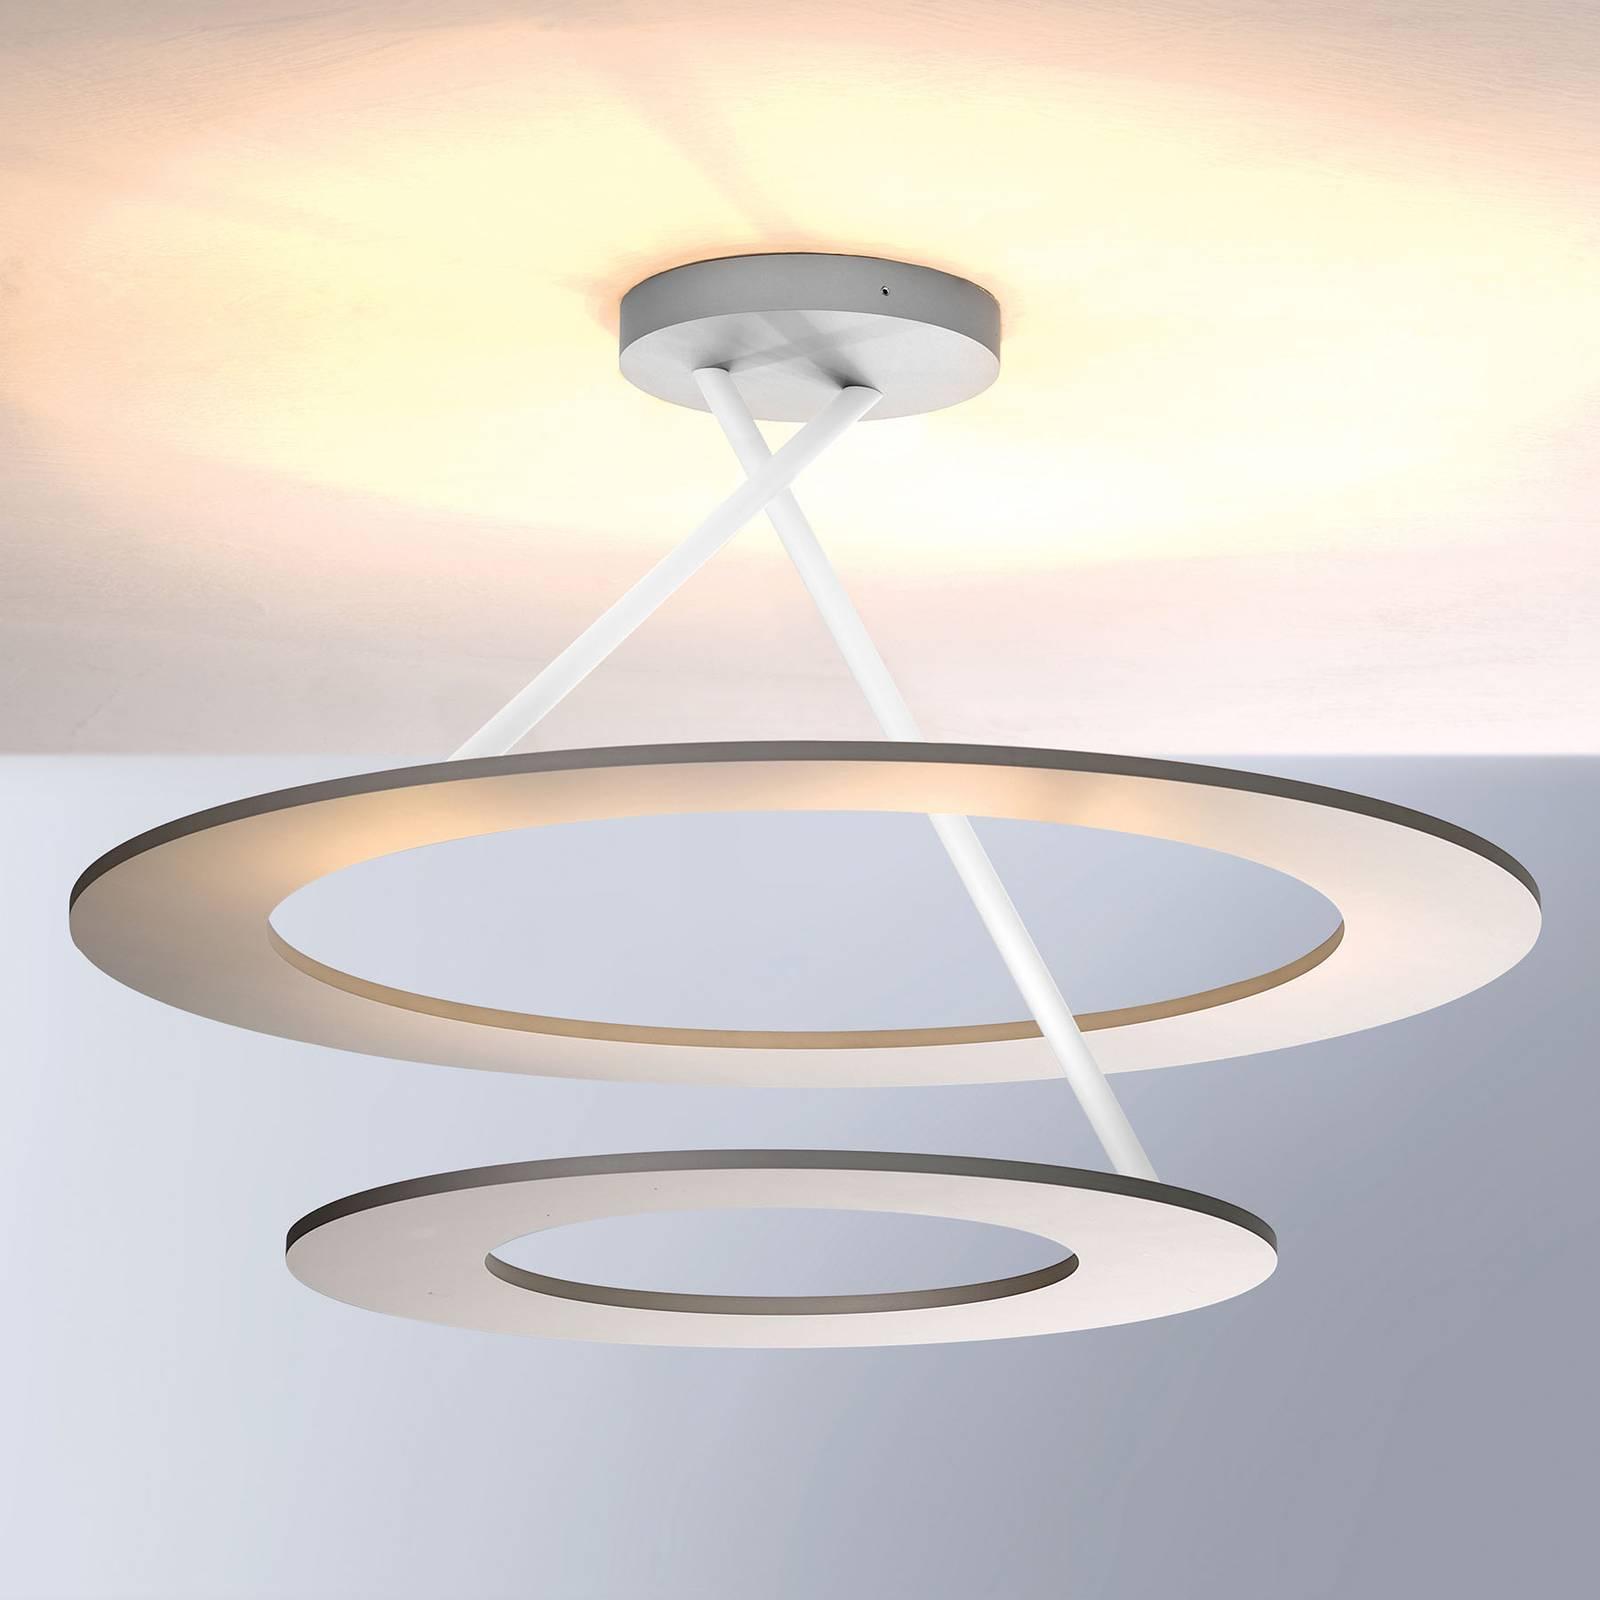 Bopp Stella lampa sufitowa LED 2 pierścienie biała